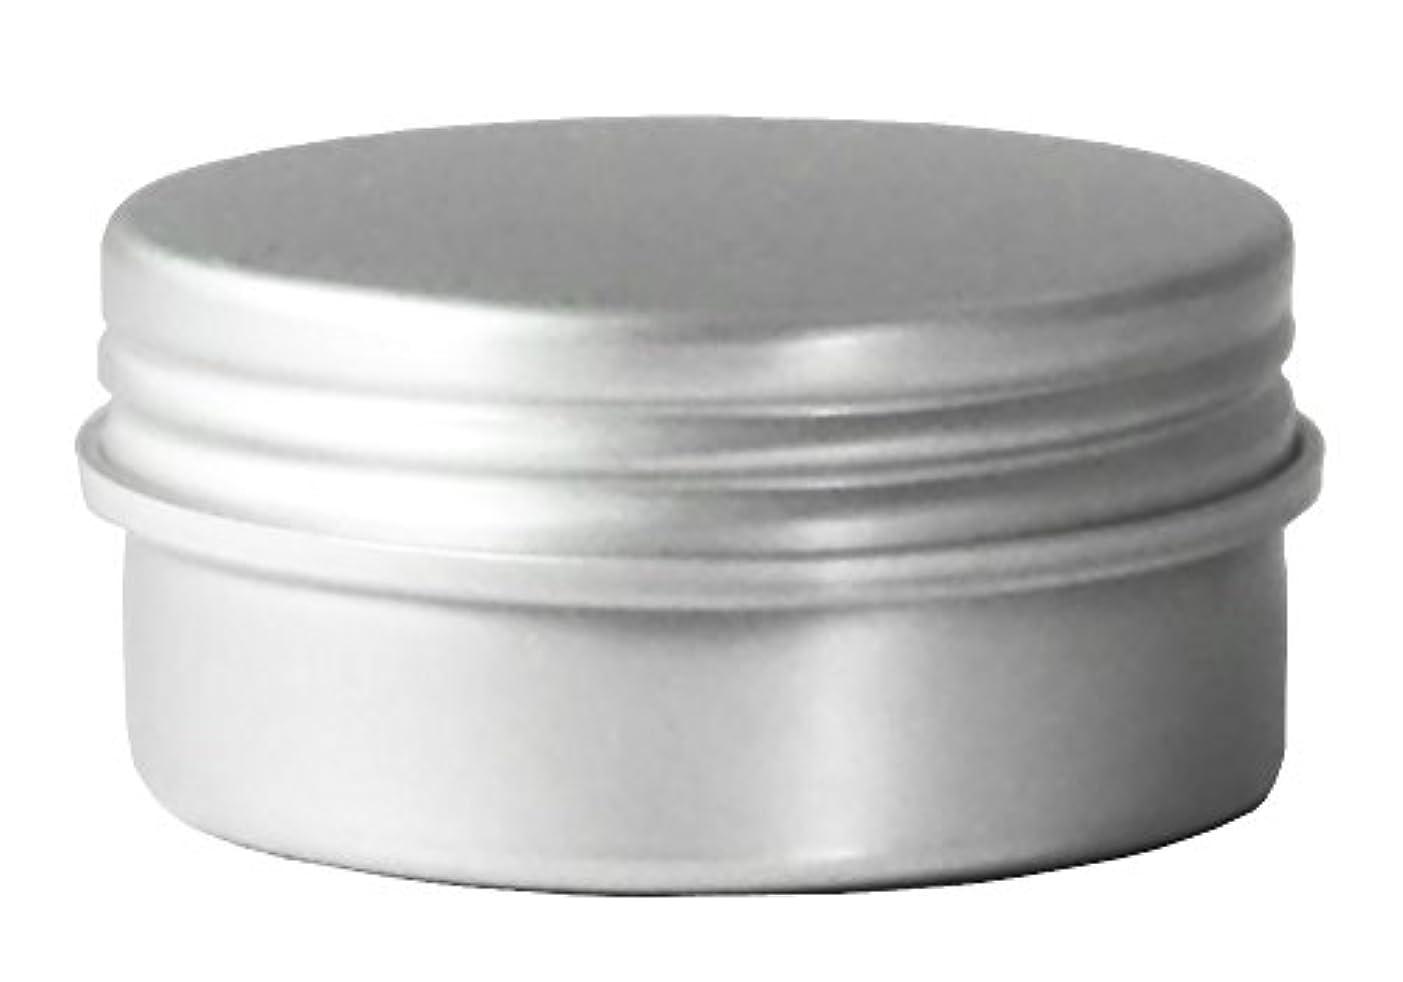 規則性意志に反する型アルミキャップ缶 ハイシートパッキン付 12ml 化粧品容器